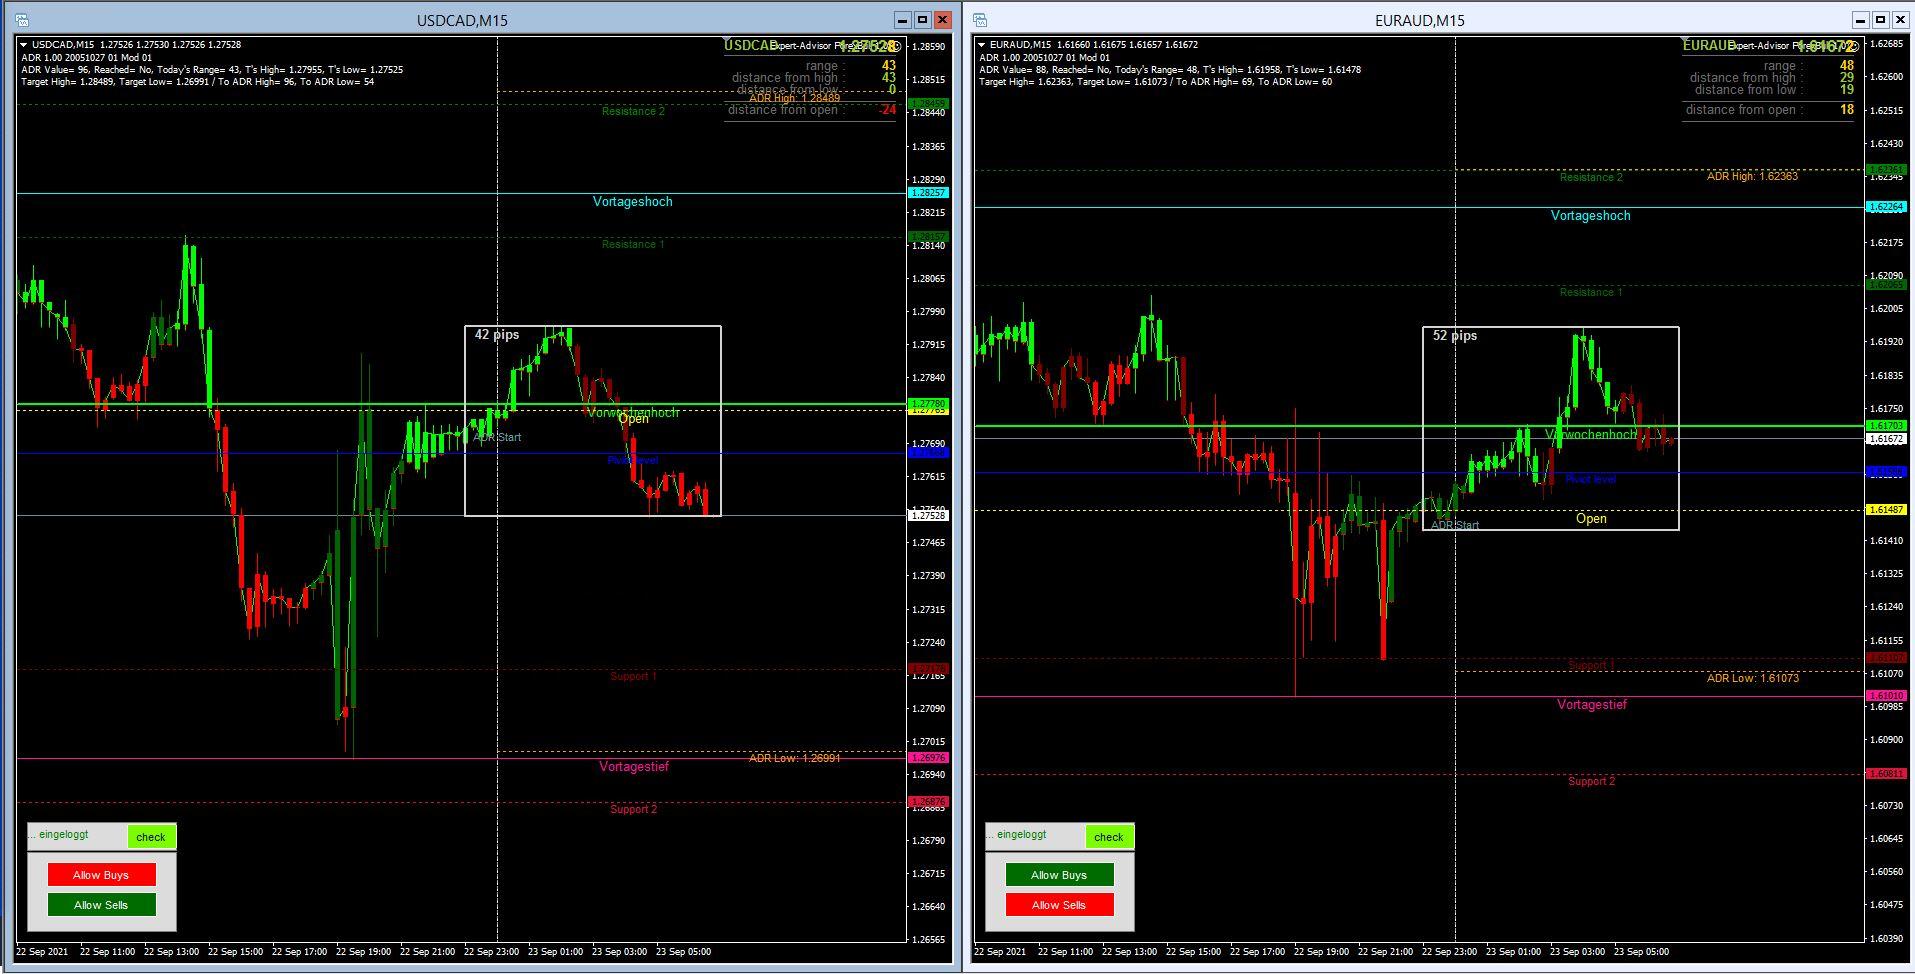 Morning-Briefing-ForexBull-USD-CAD-Loonie-mit-einem-Short-Setup-Chartanalyse-Marcus-Klebe-GodmodeTrader.de-2